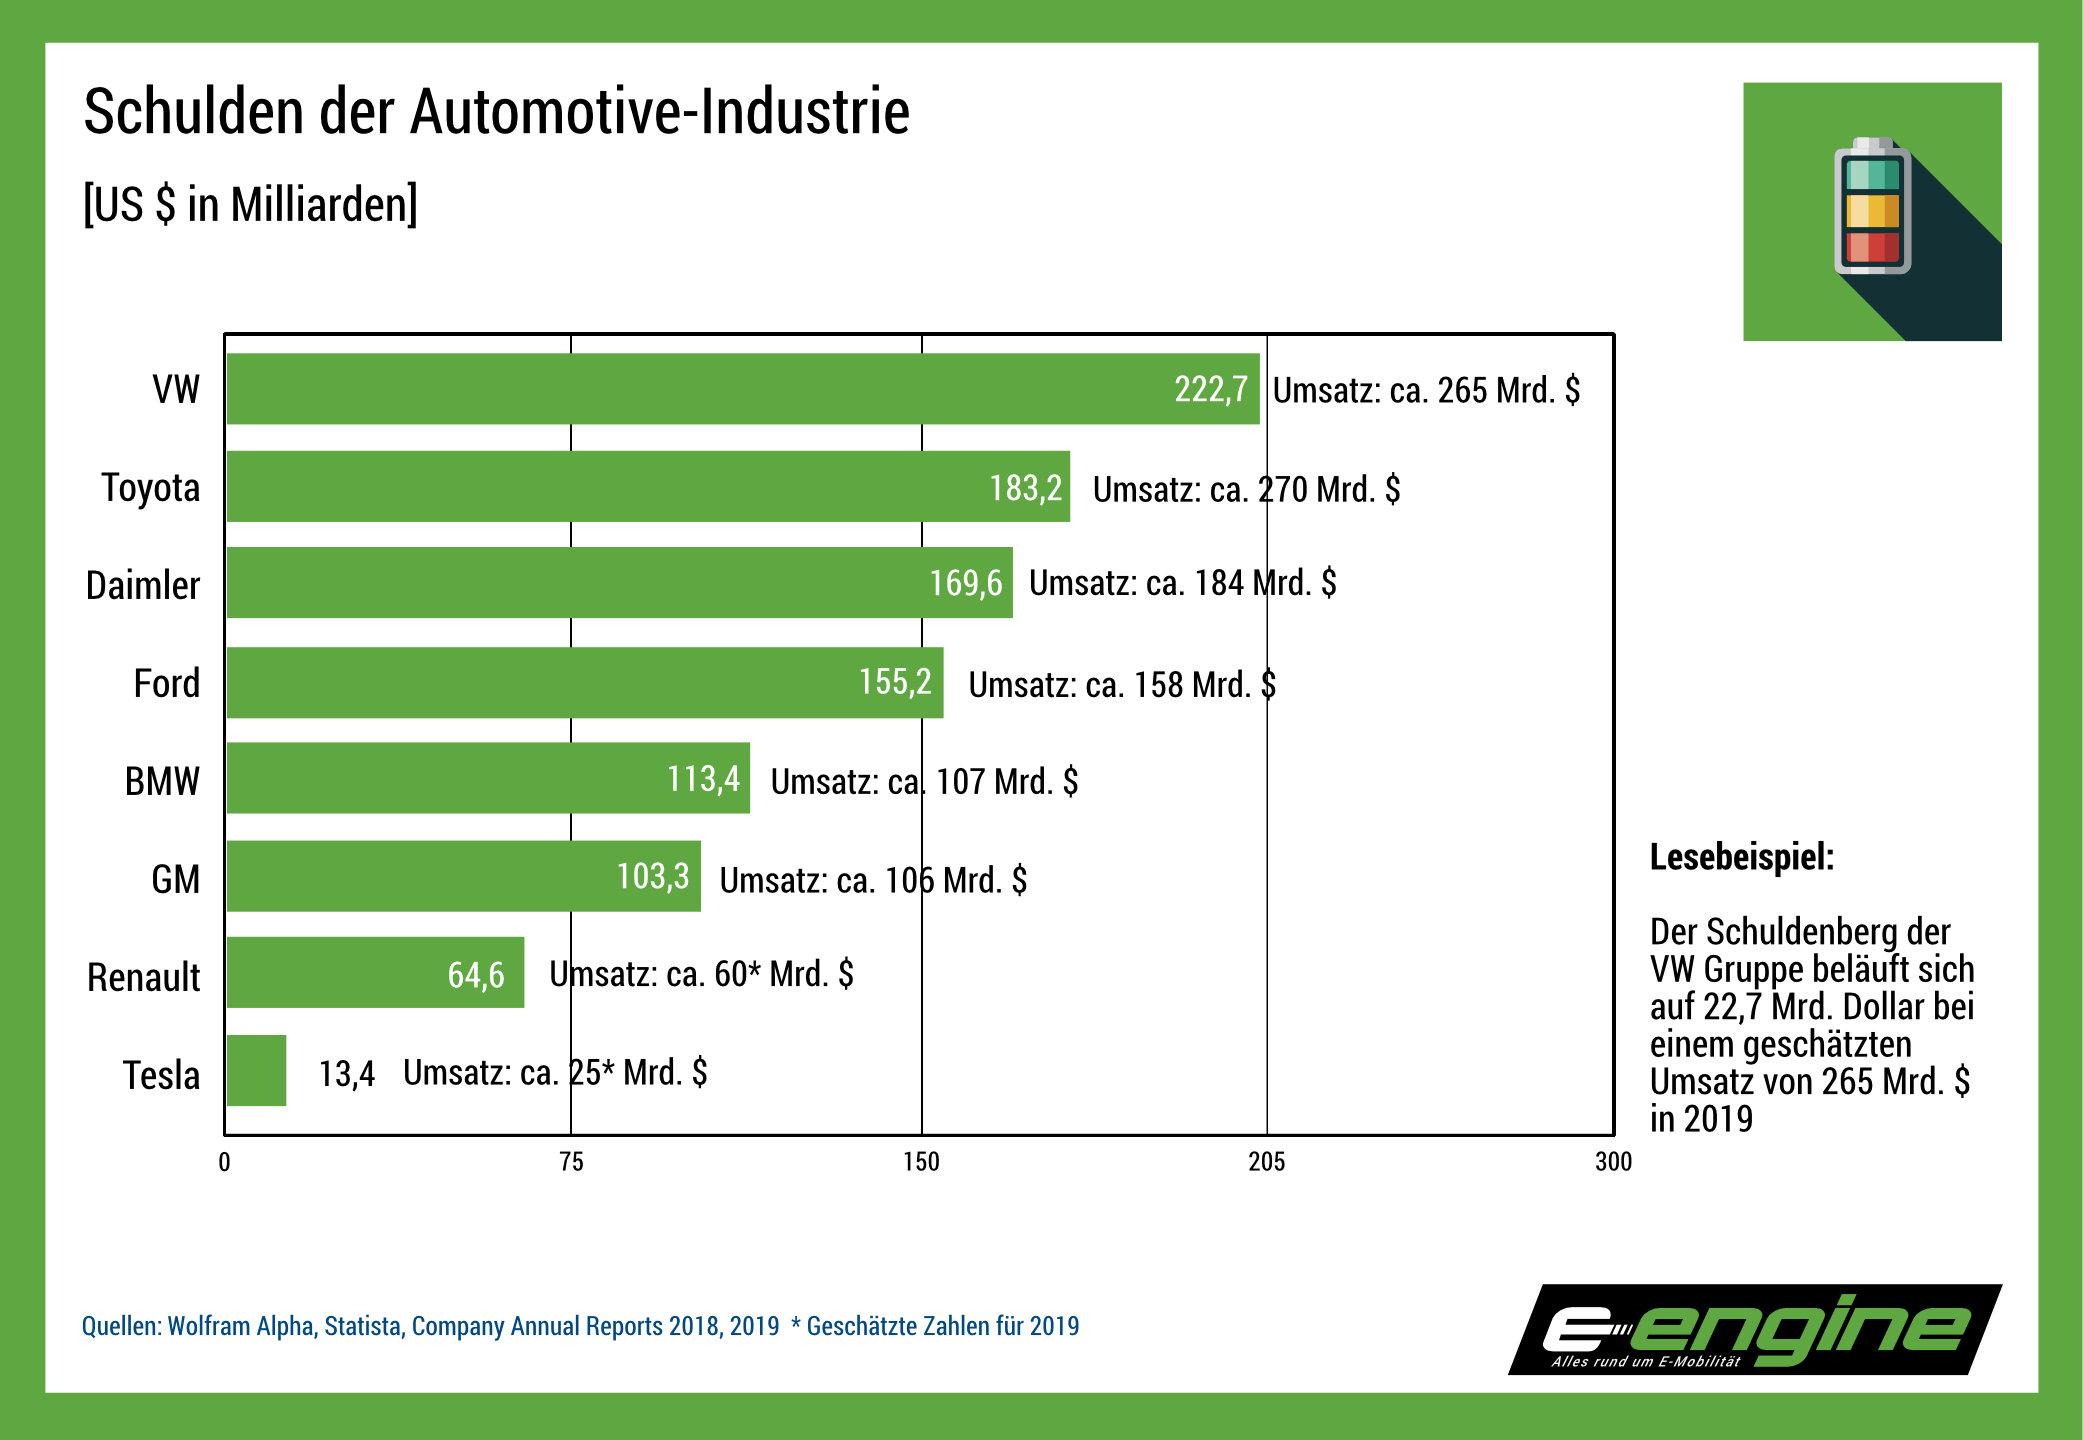 Chart der Woche: Verschuldung der Autoindustrie im Vergleich zu Tesla